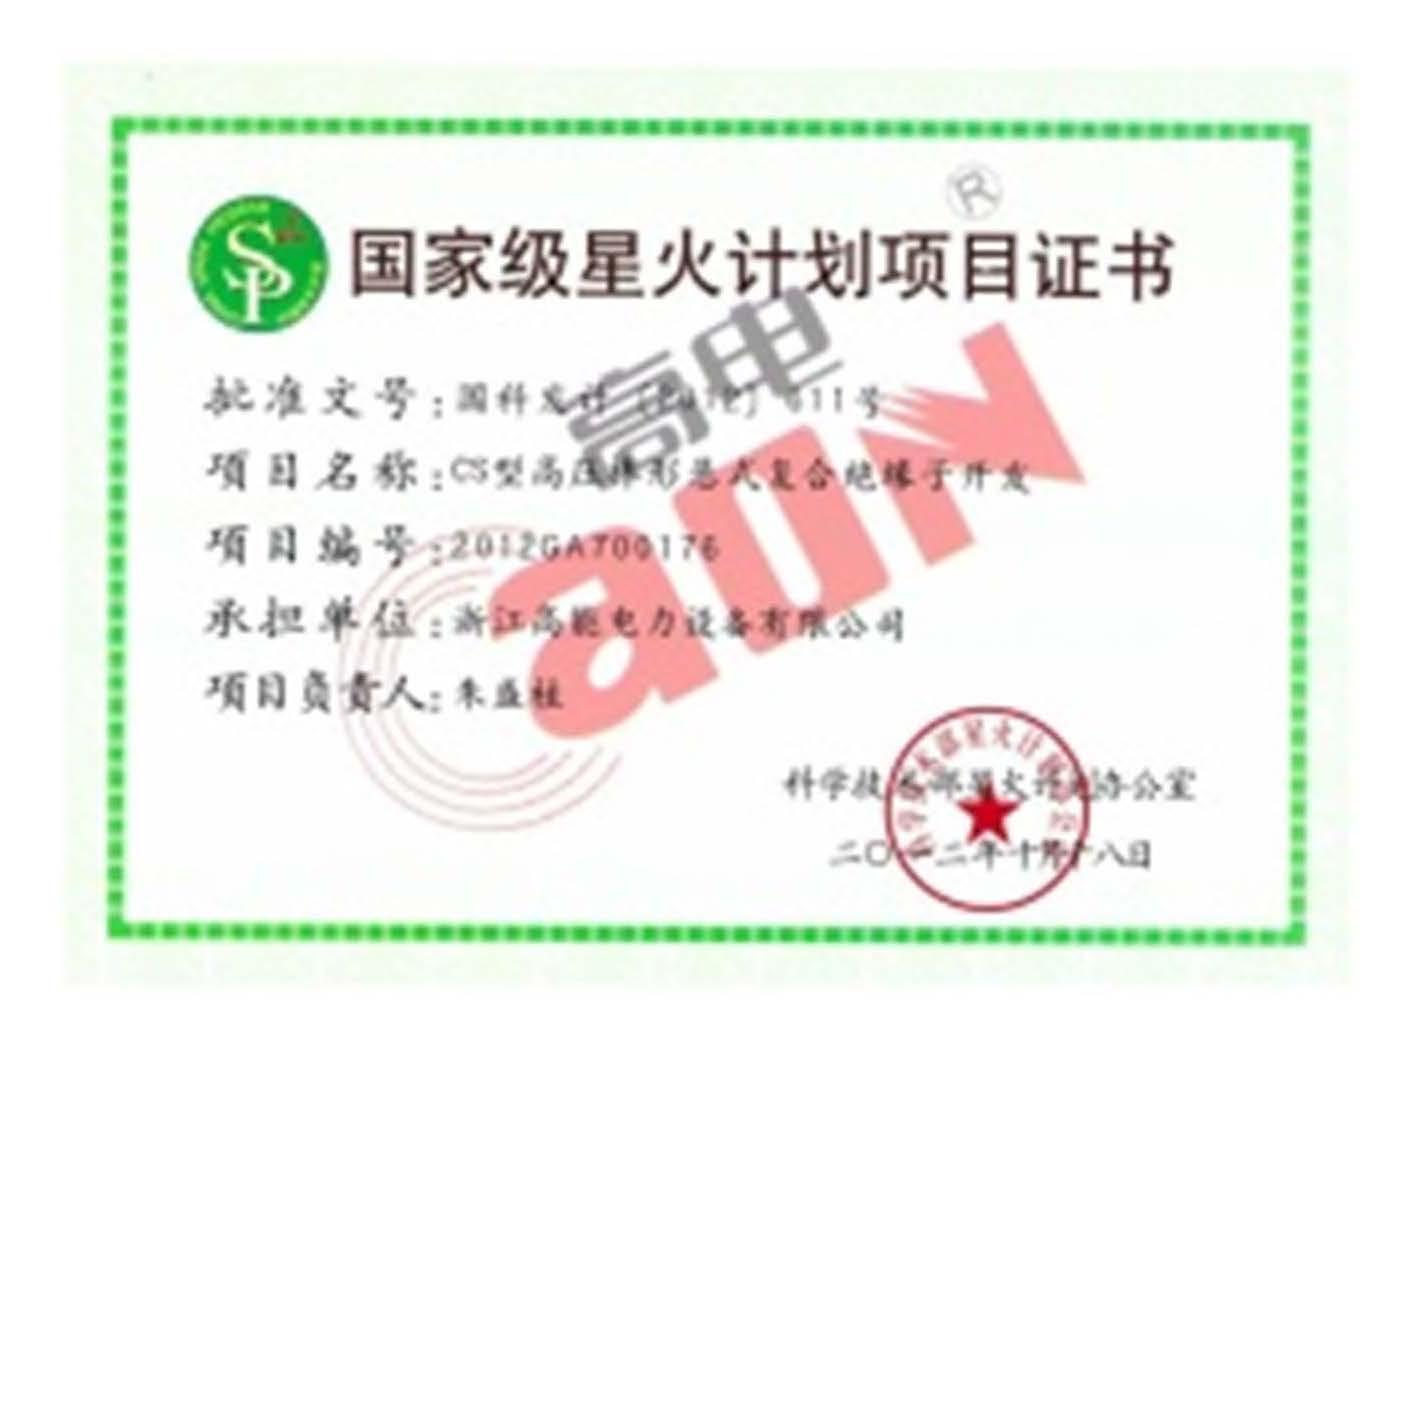 国家级星火计划项目证书